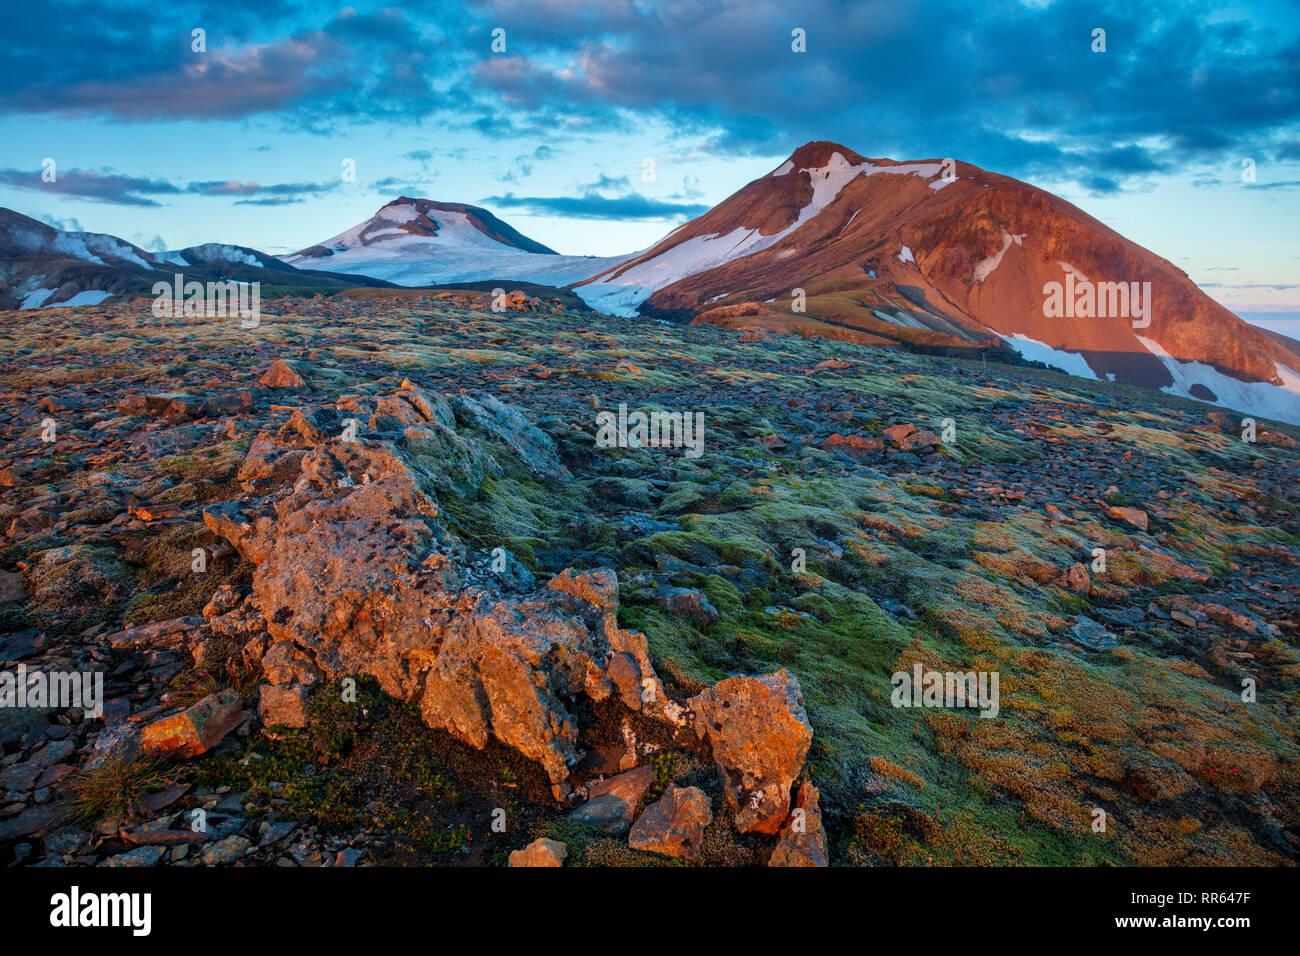 Paysages de montagne volcanique le long du sentier Laugavegur, entre l'Hrafntinnukser et Alftavatn. Hauts Plateaux du centre, Sudhurland, Islande. Photo Stock